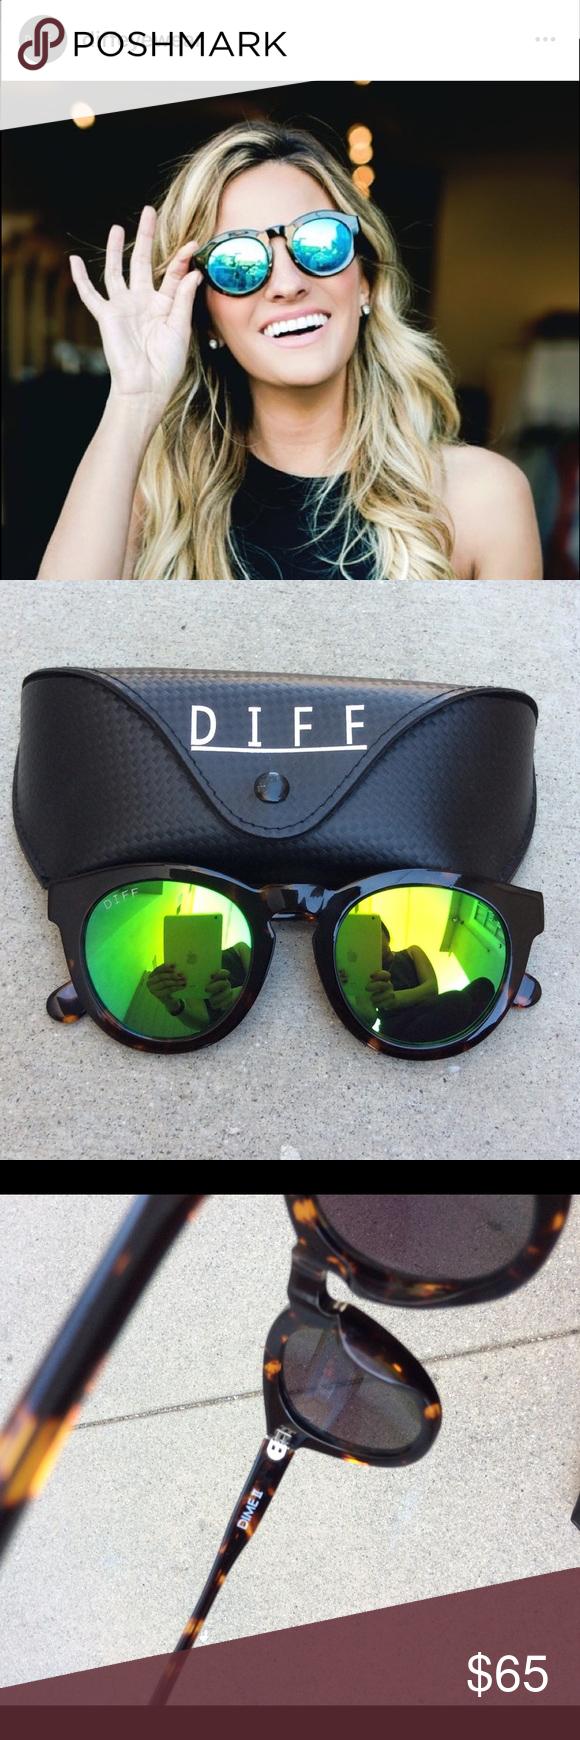 68e151ae2a4f DIFF Eyewear Dime II Sunglasses NWOT DIFF Eyewear Dime II Sunglasses NWOT.  Tortoise frame with